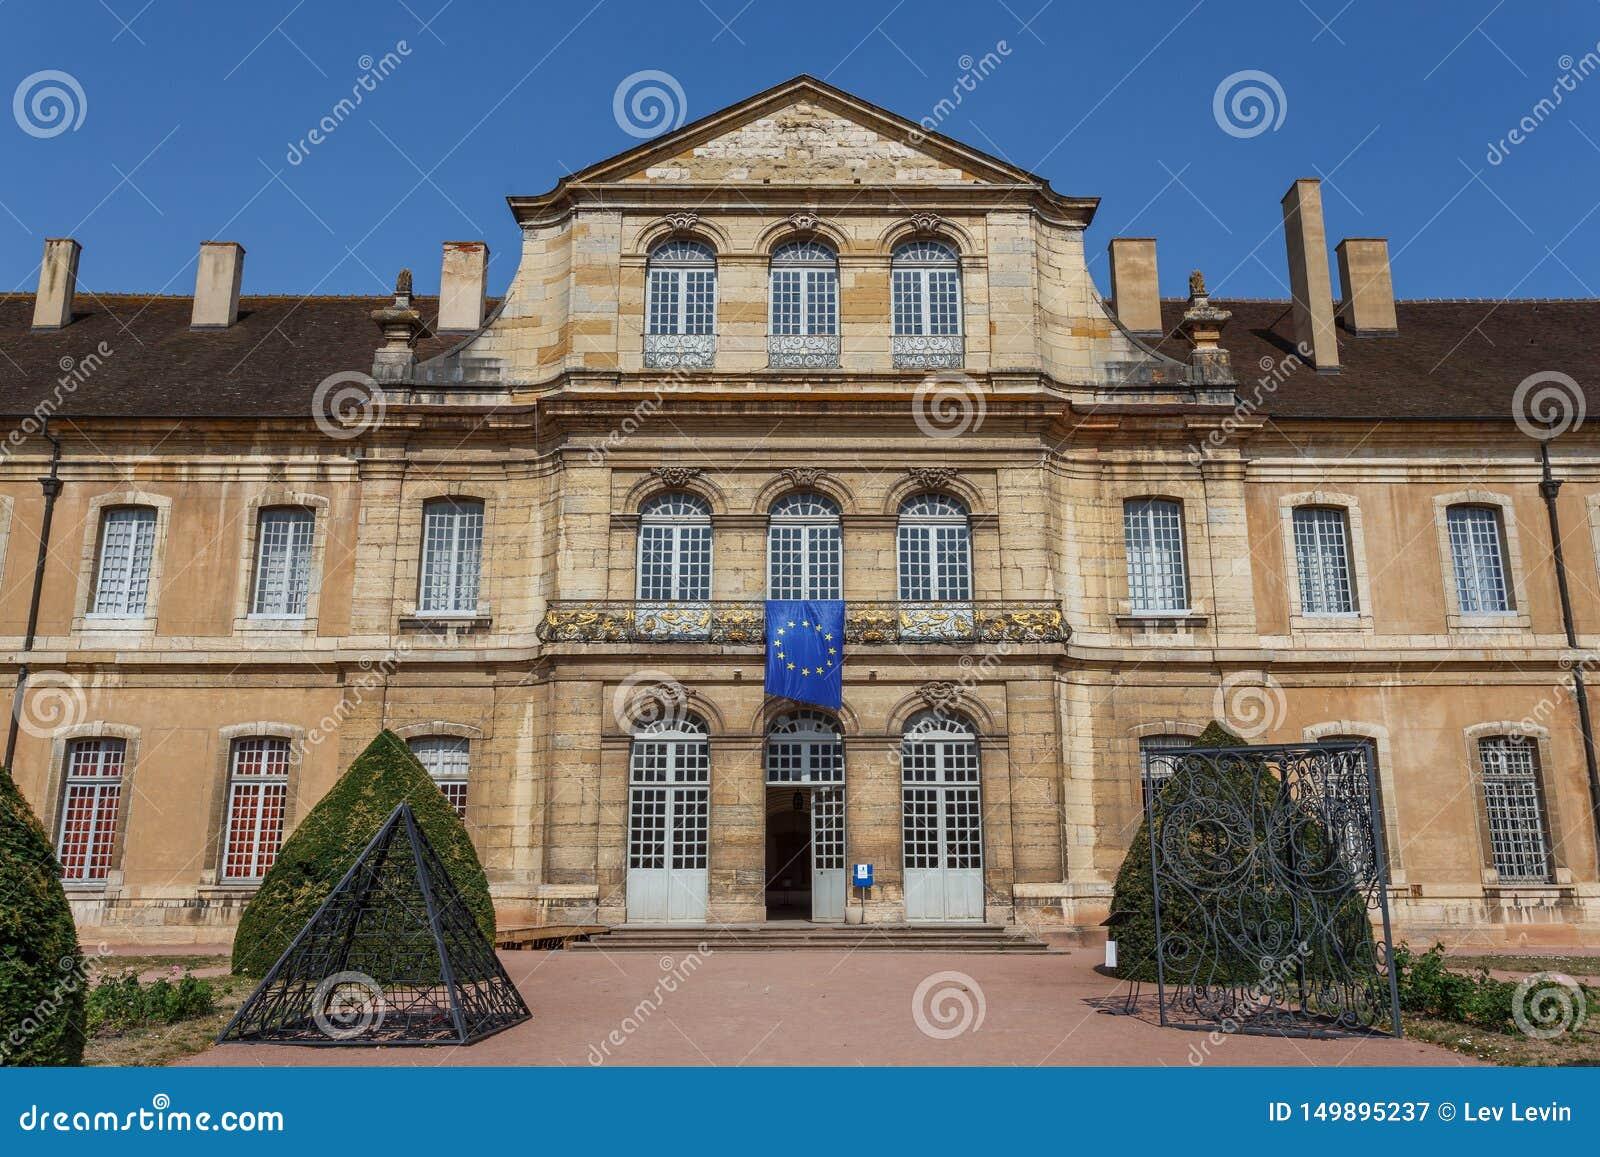 Abadia medieval no centro histórico da cidade de Cluny, França